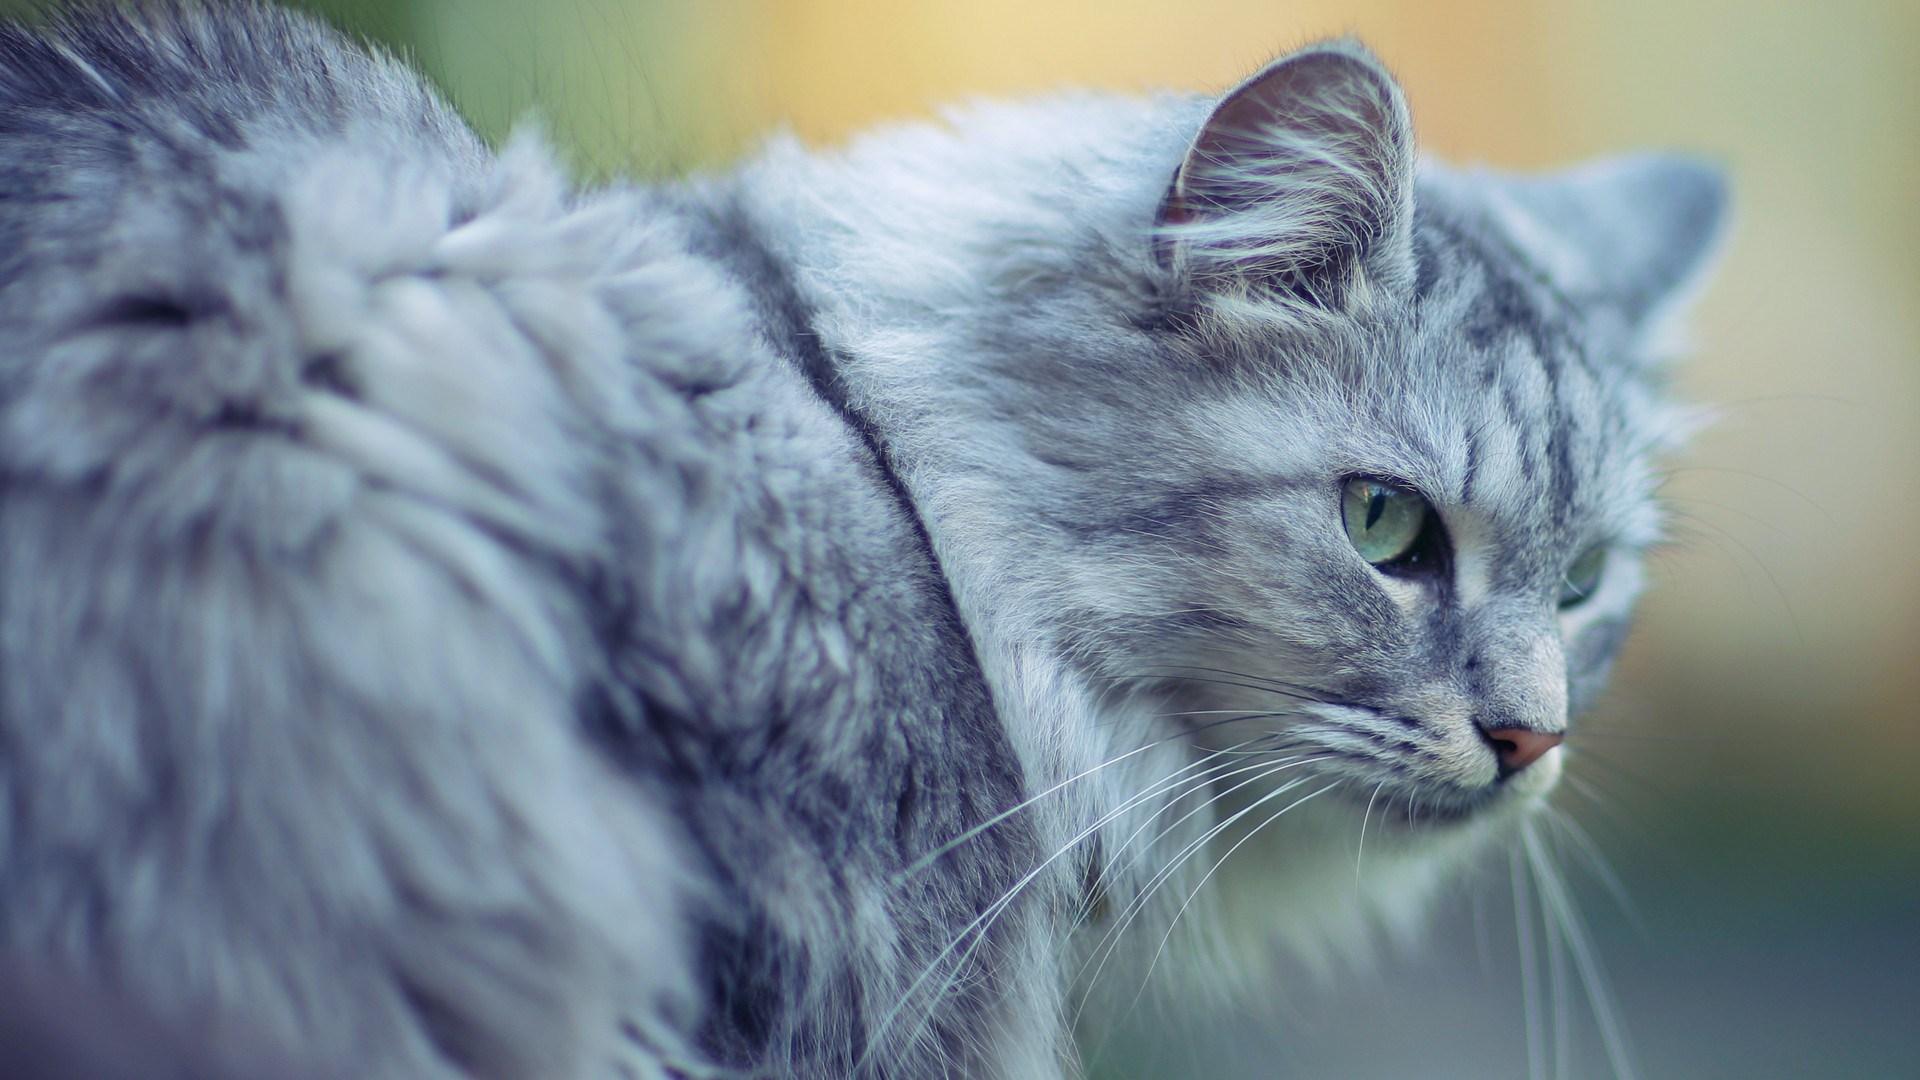 Fantastic Cat Close Up Wallpaper